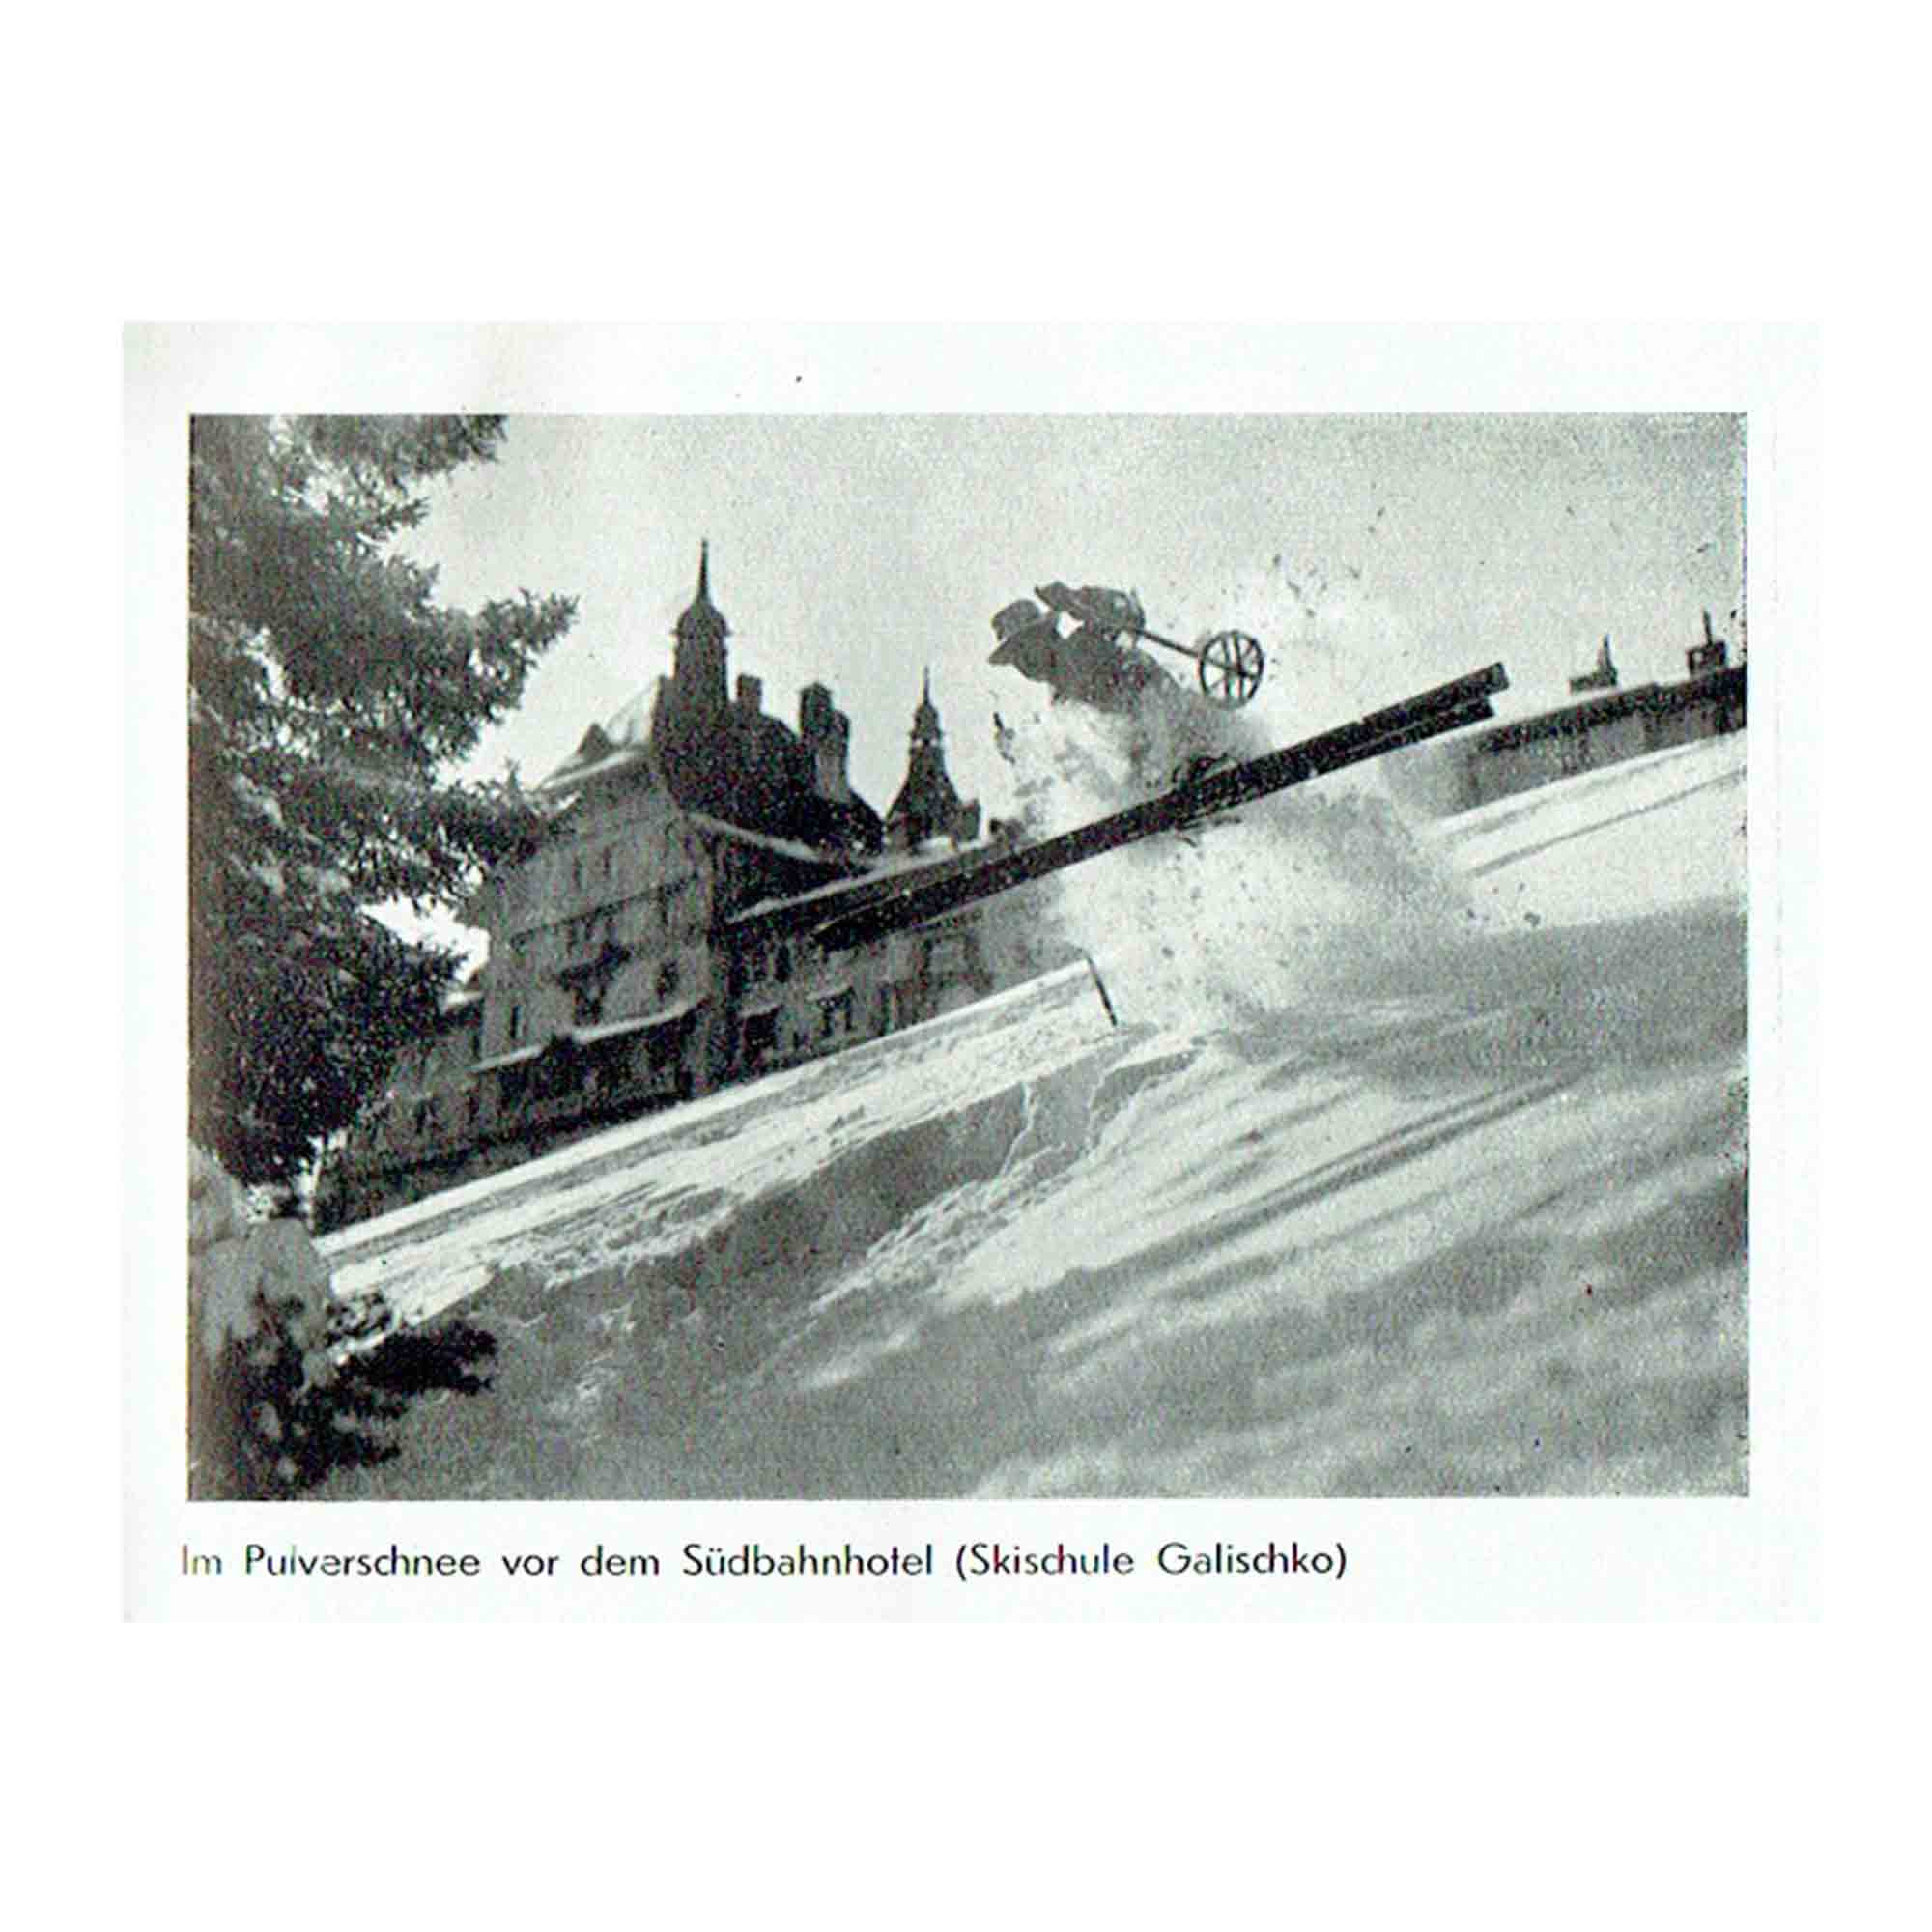 5397-Winter-Sport-Club-Oesterreich-Festschrift-1931-N.jpg